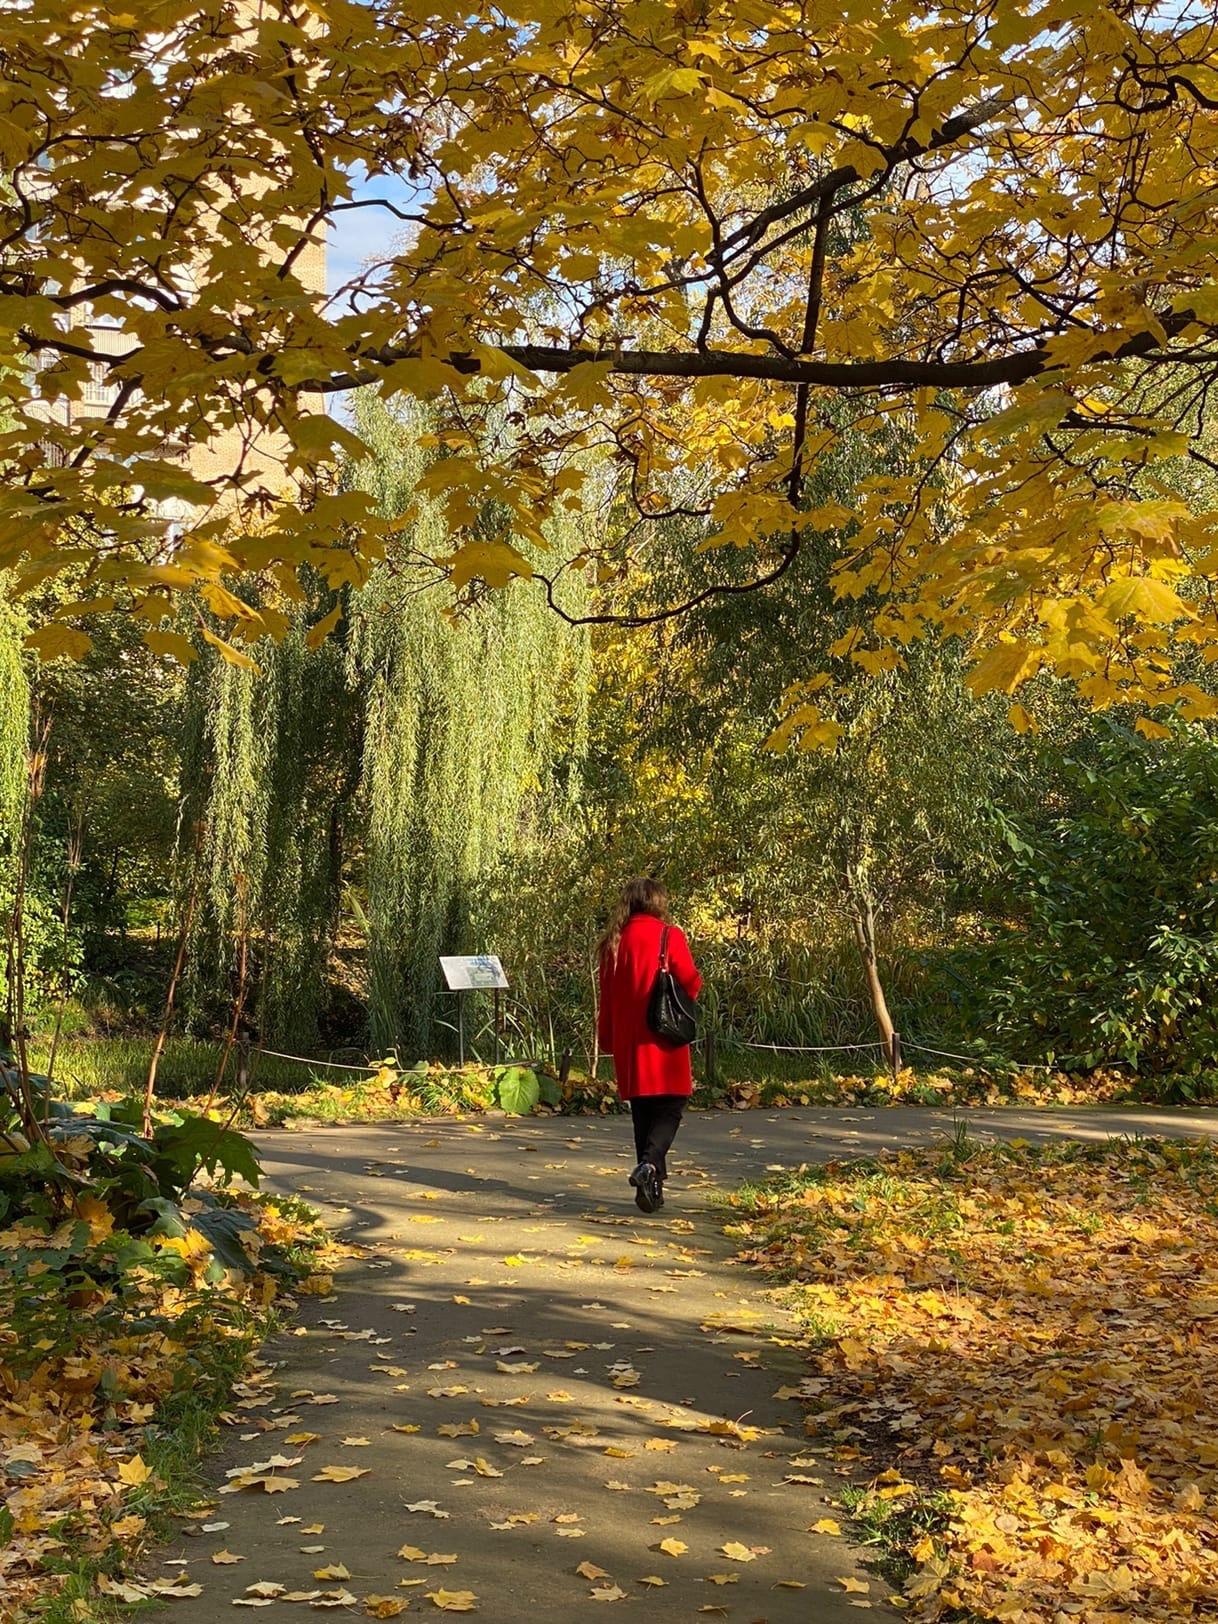 Аптекарский огород — самый старый ботанический сад в России, основанный Петром I в 1706 году.